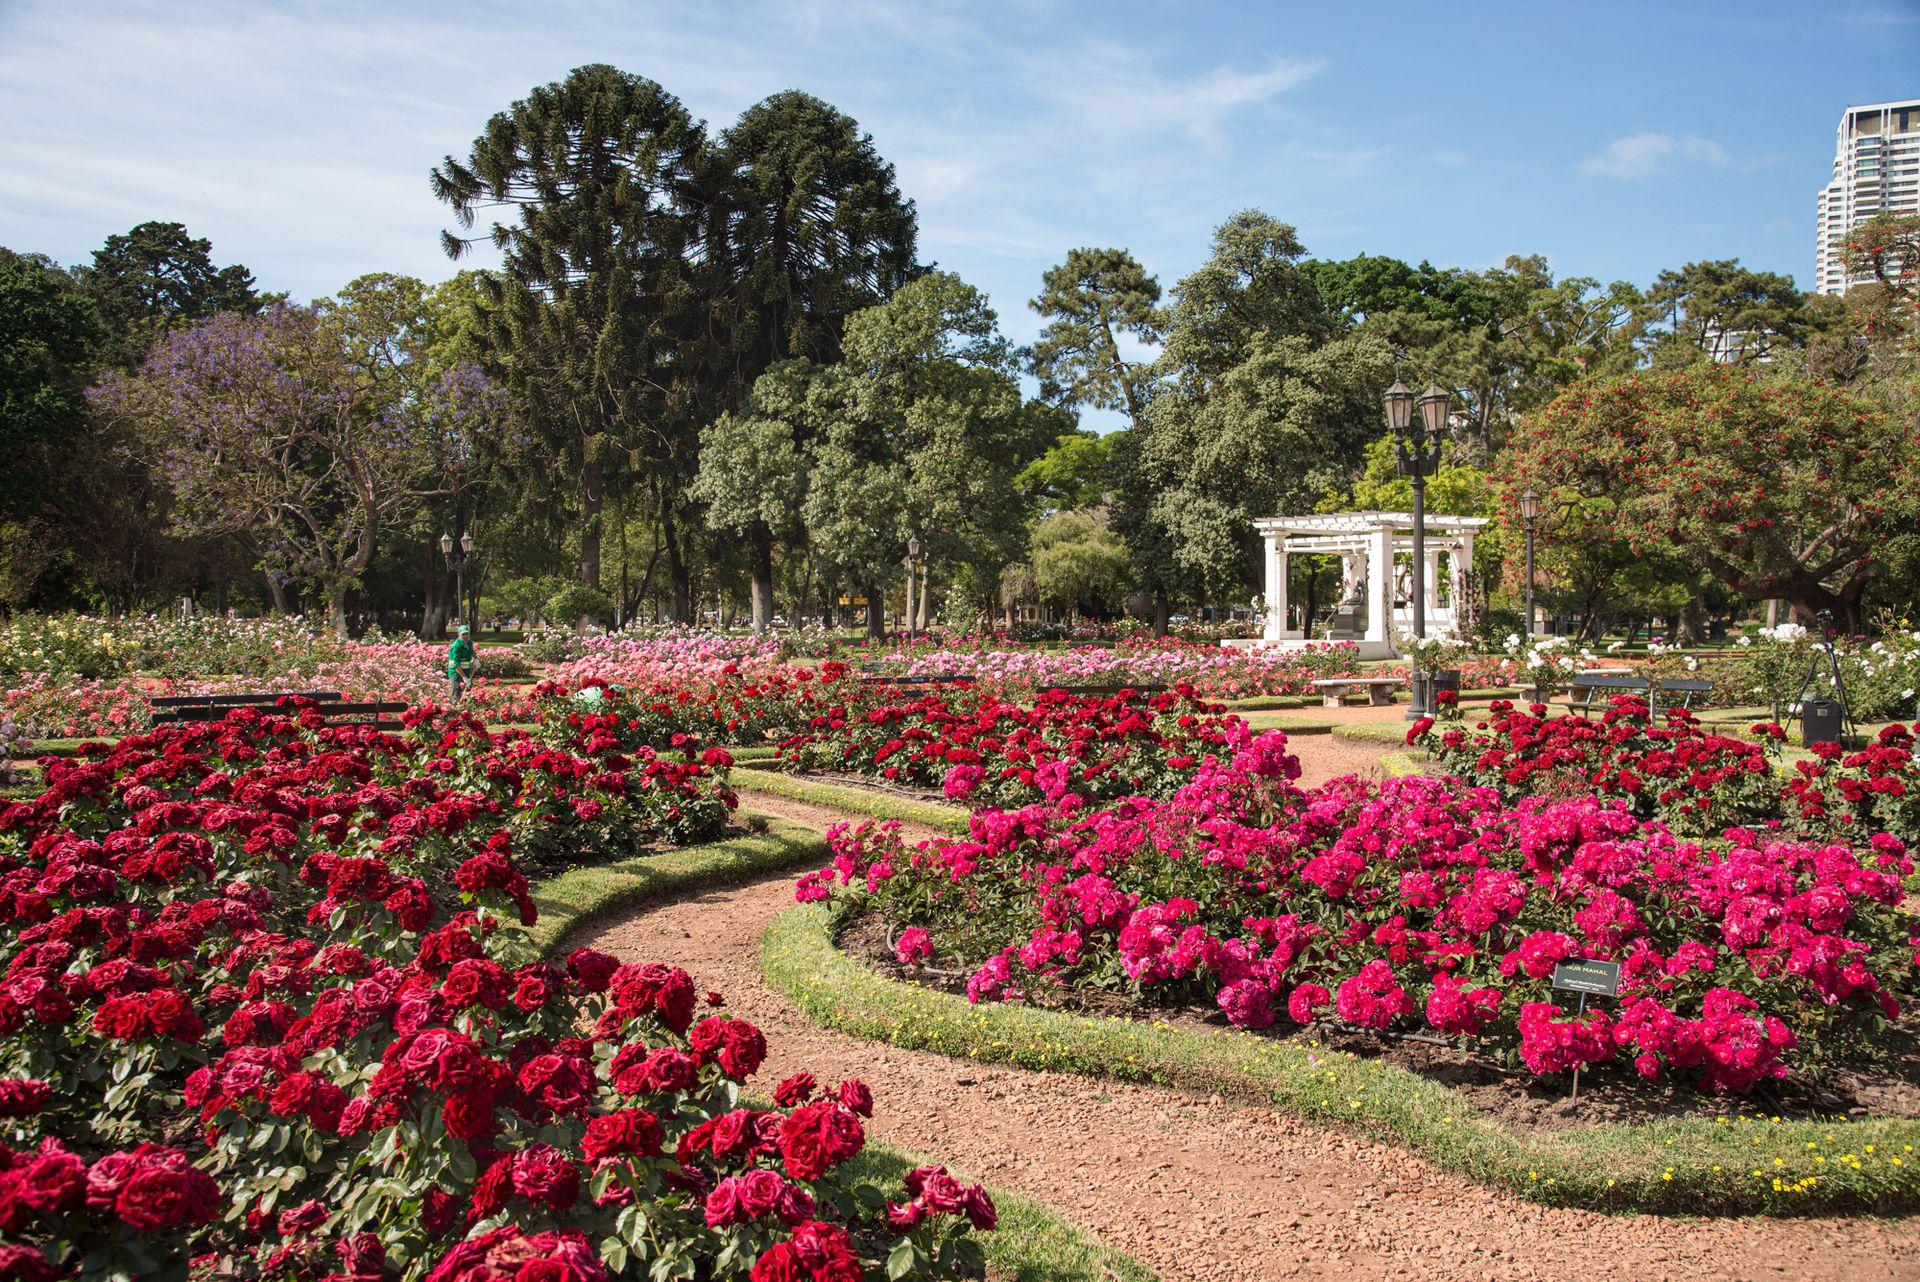 El Rosedal es un emblema del diseño paisajístico porteño y uno de los espacios más visitados del parque 3 de febrero por turistas y vecinos.